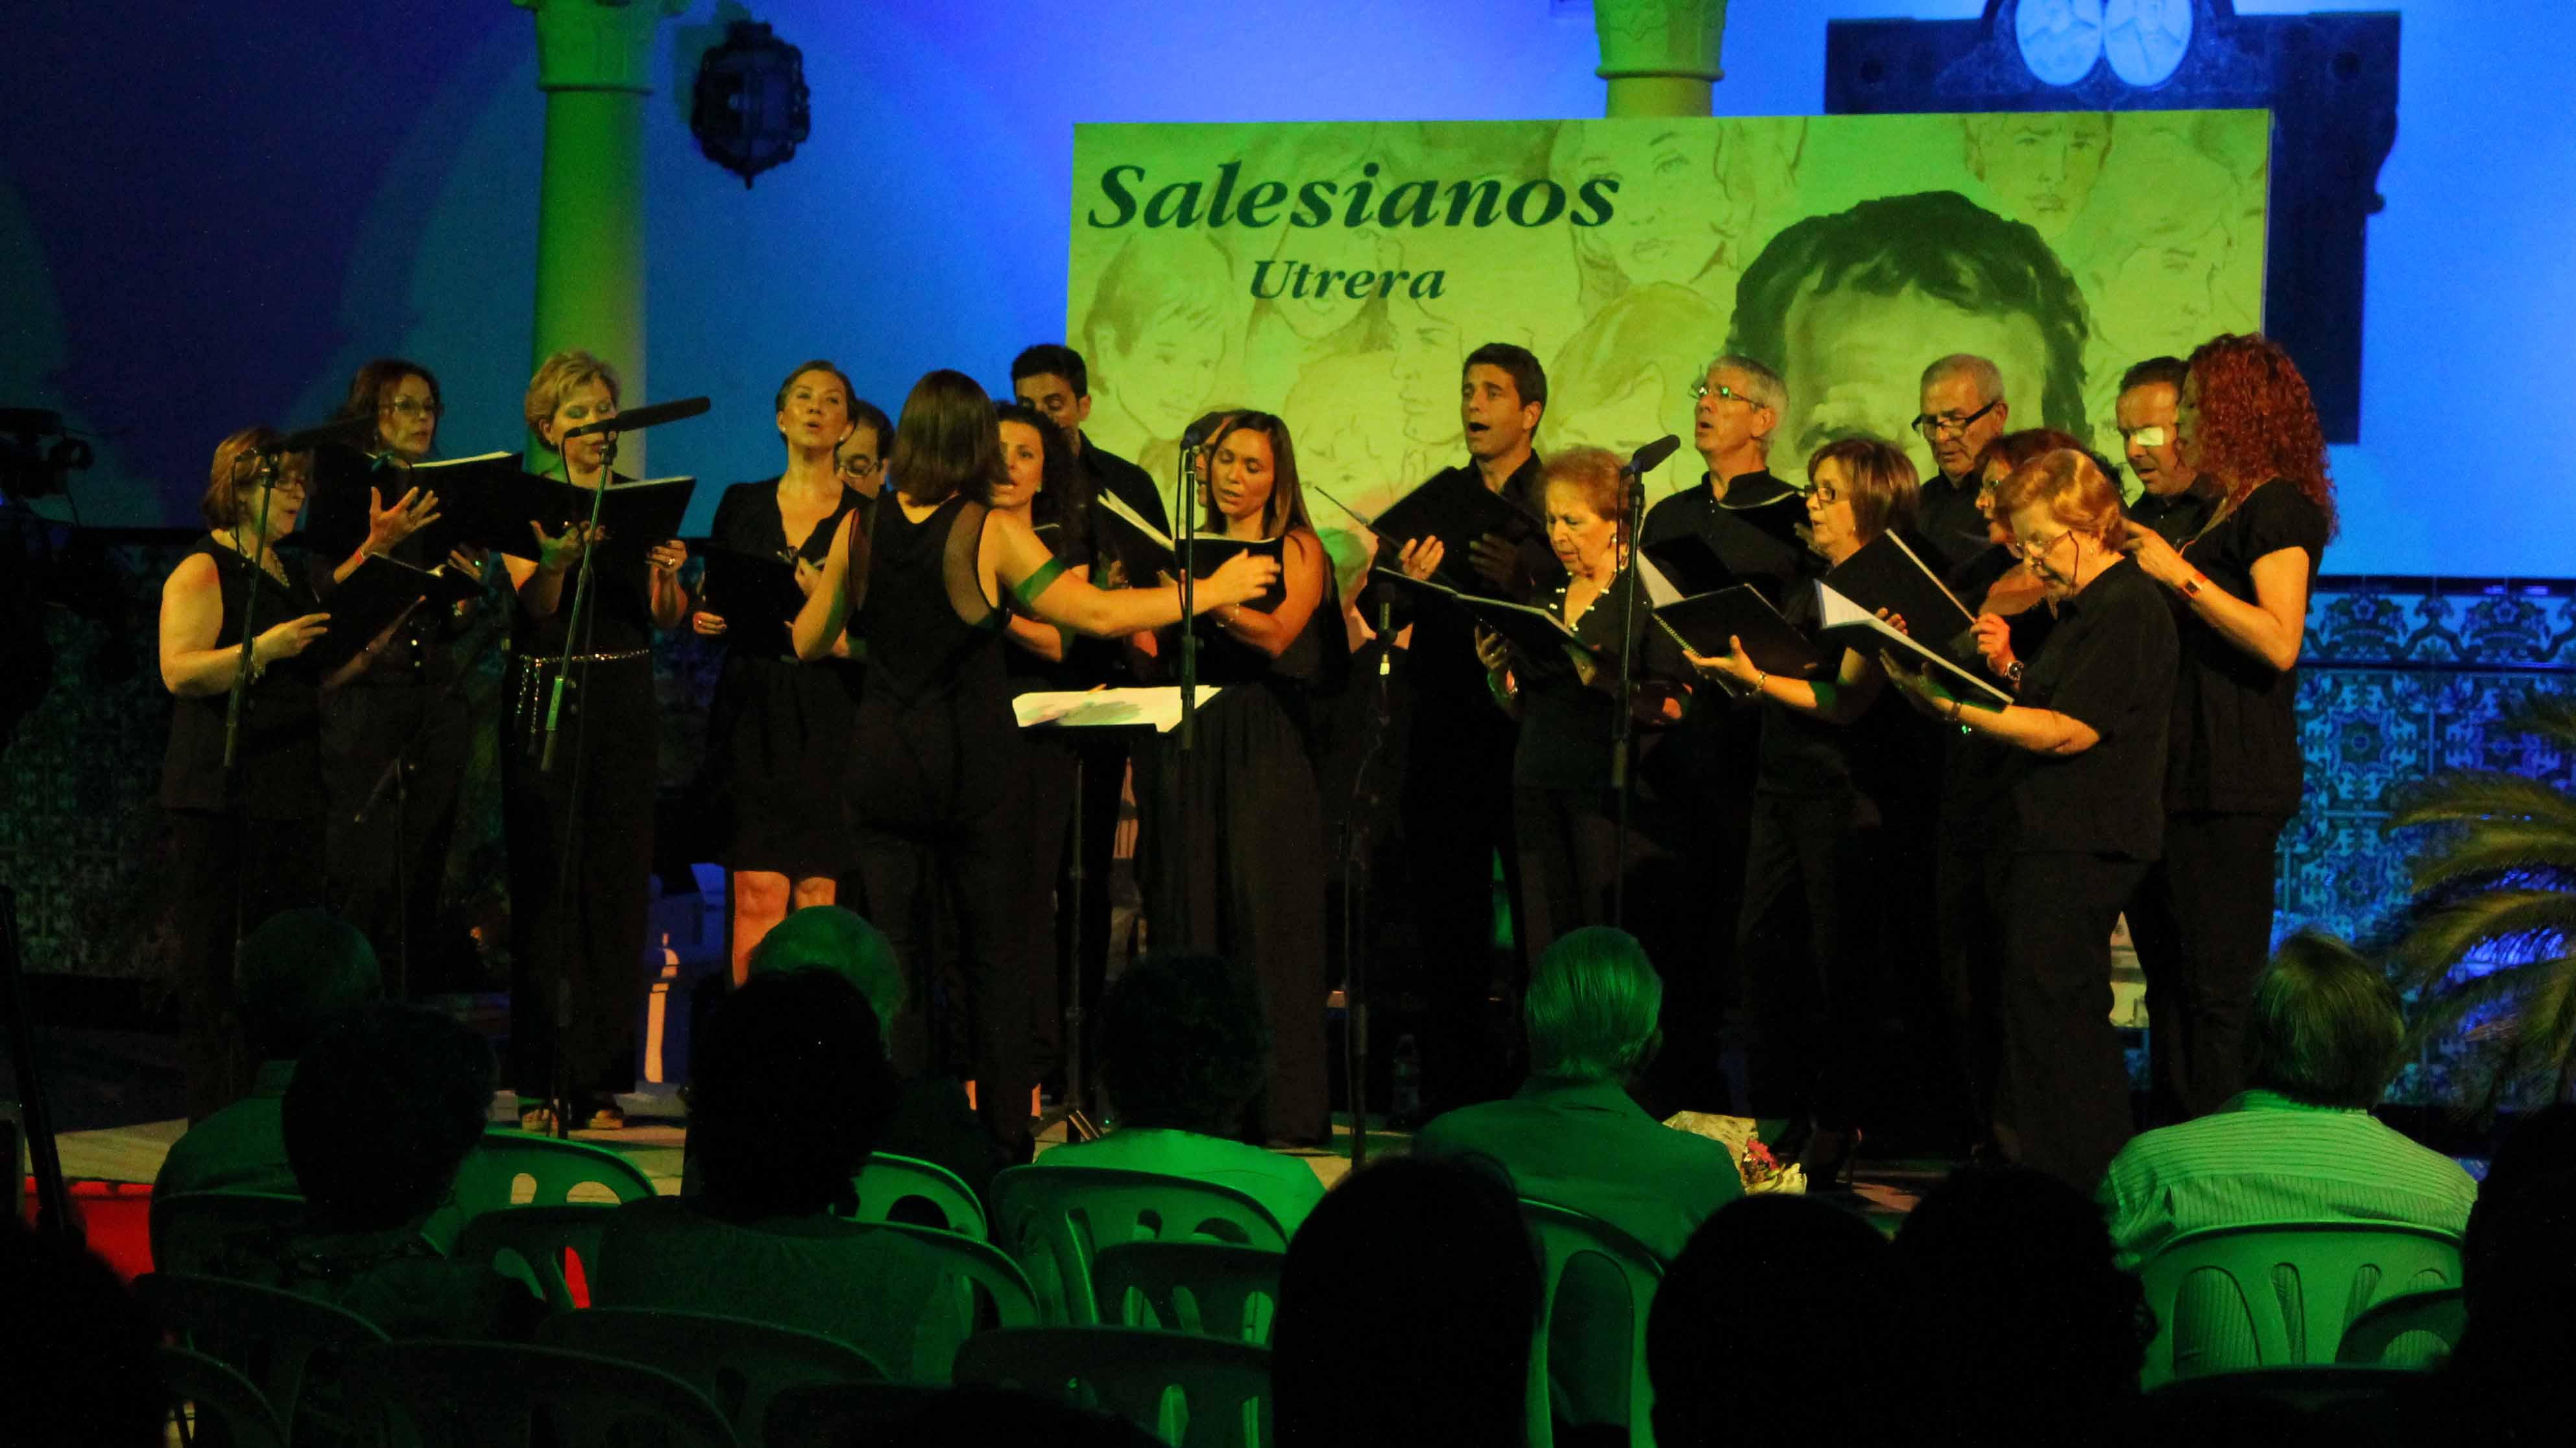 La buena música se dio cita en Los Salesianos de Utrera